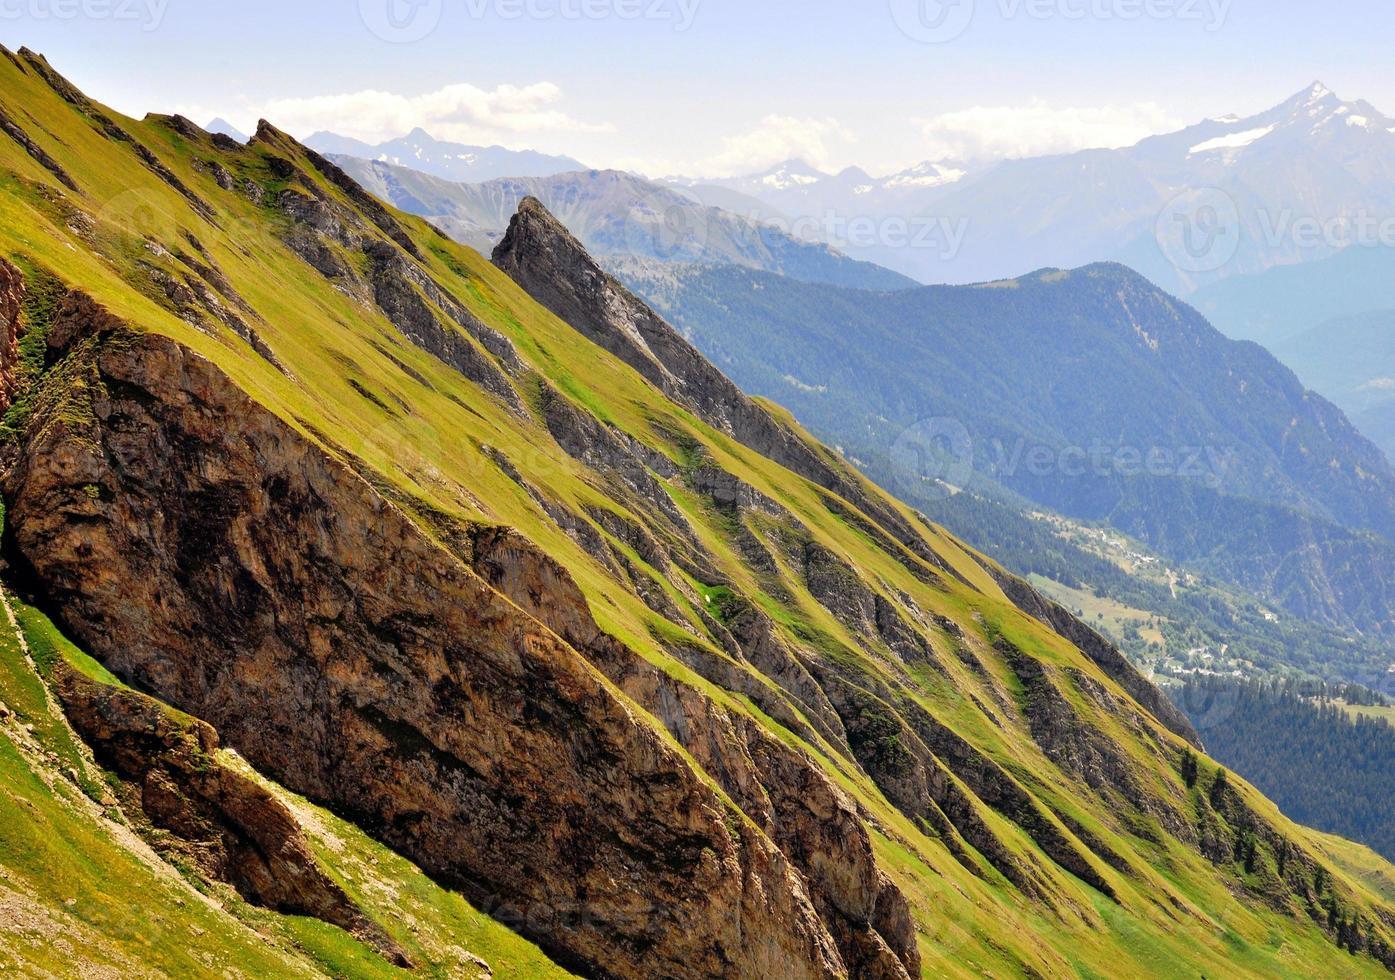 Mountains on summer photo